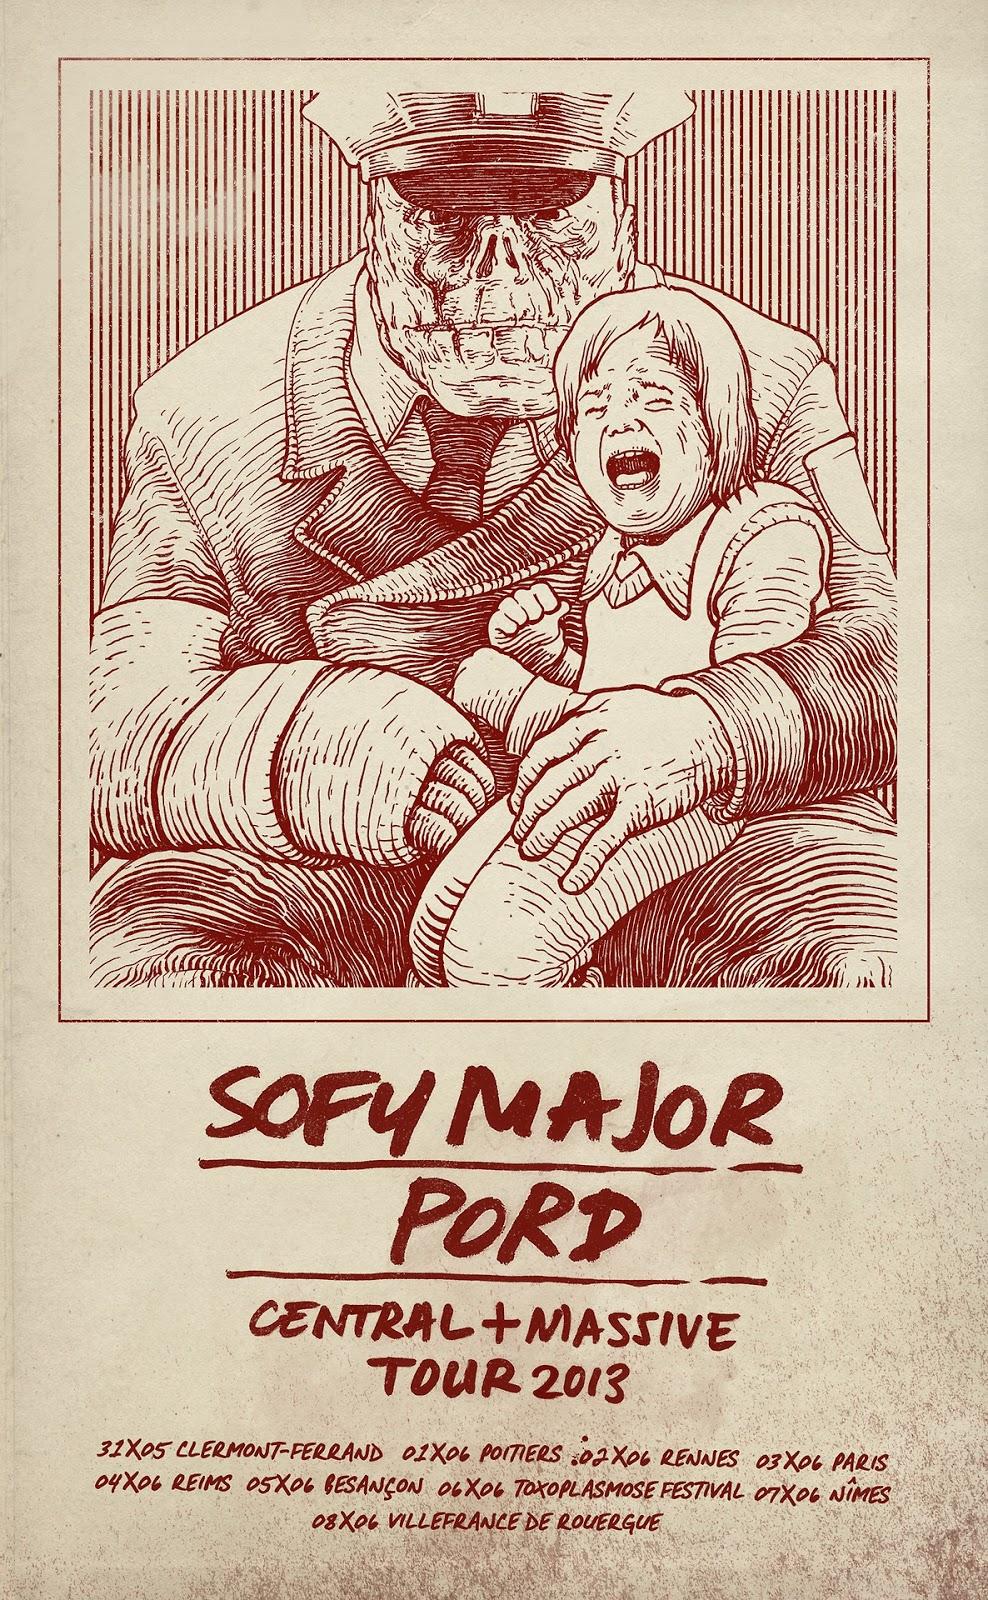 Sofy Major - Idolize